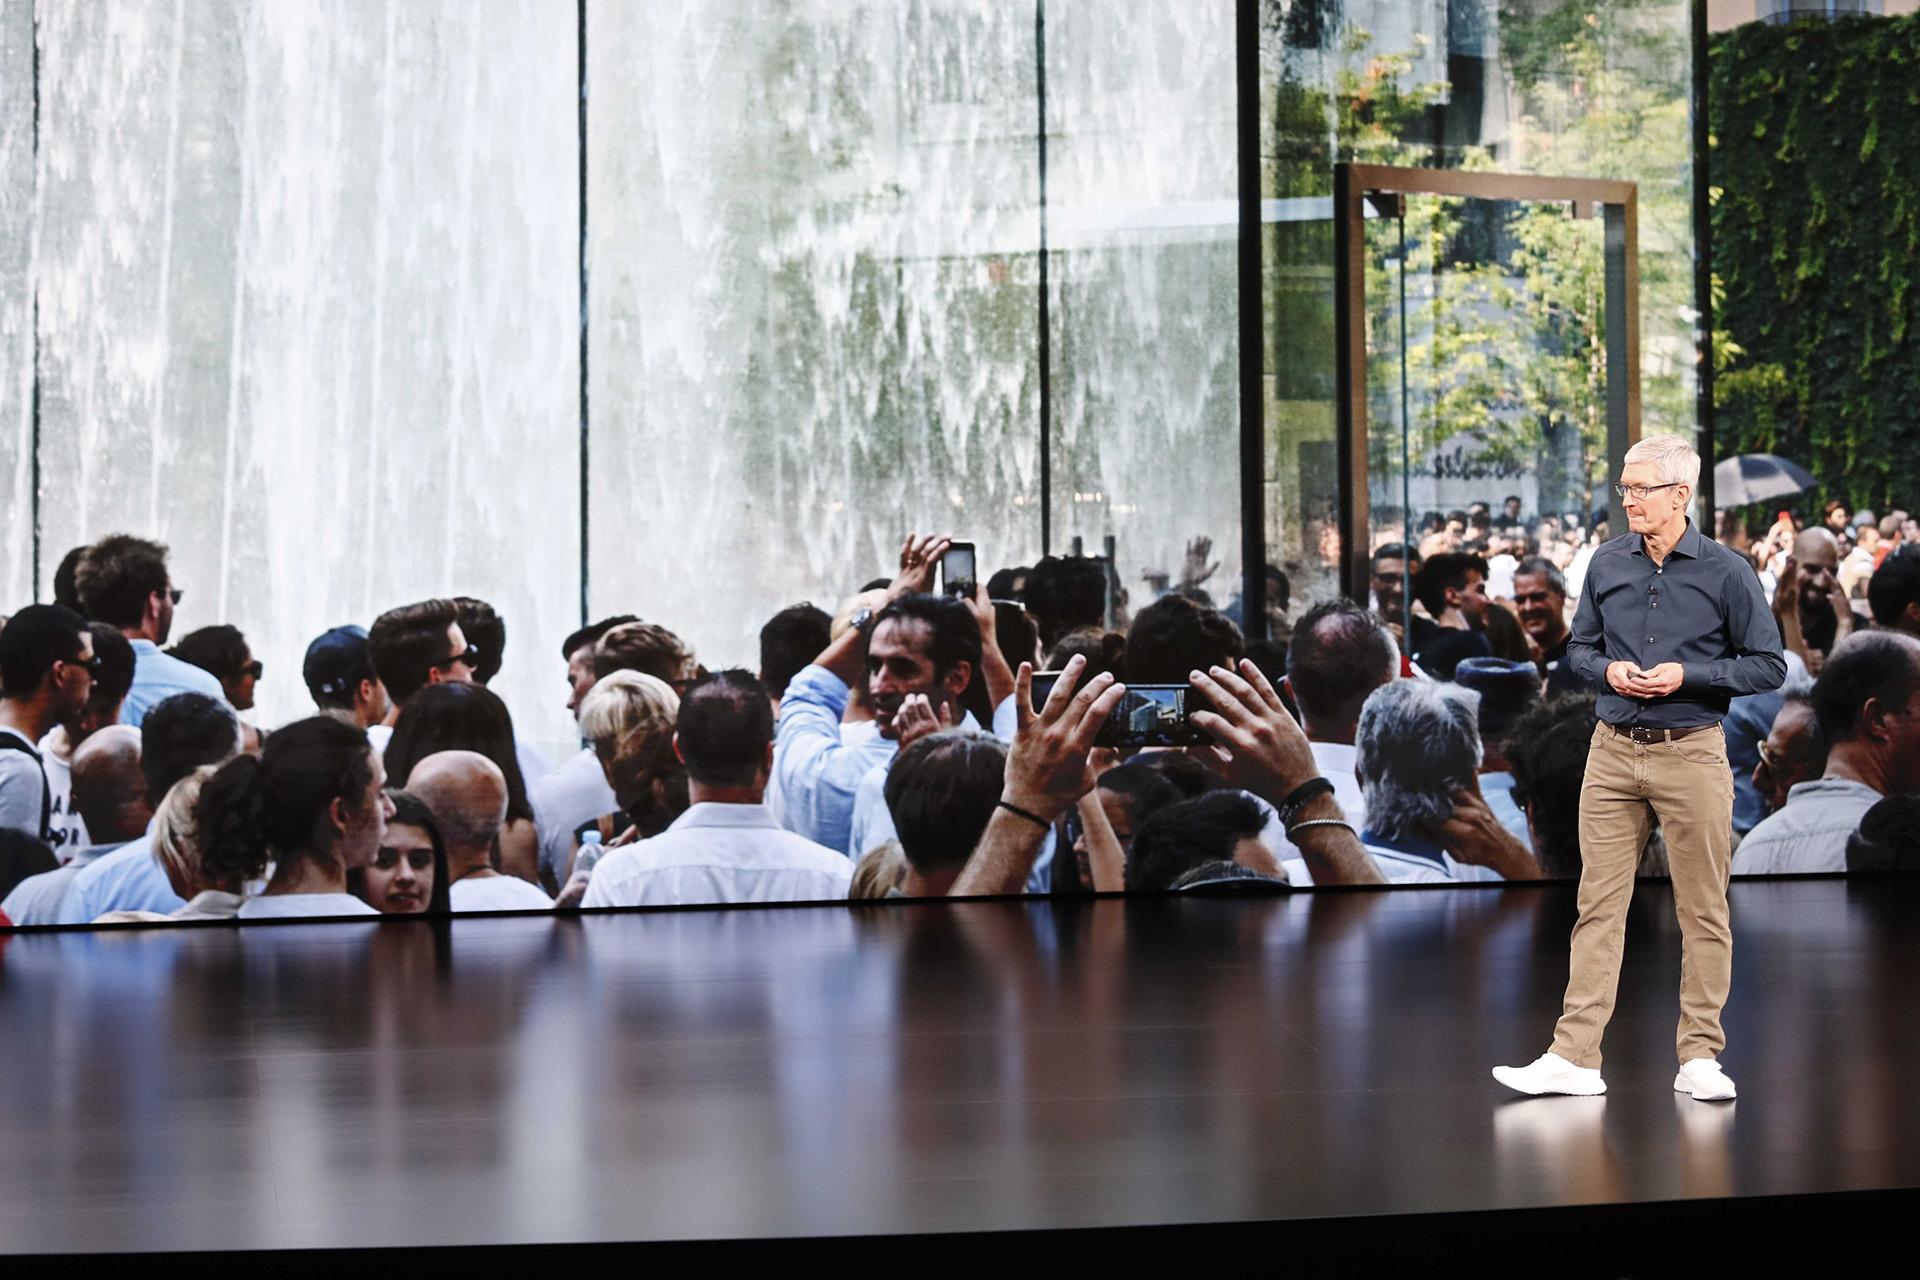 Apple, que revolucionó la tecnología y el diseño con productos como Mac, iPod, iPad o iPhone, alcanzó el pasado 2 de agosto otro hito al convertirse en la primer empresa privada en superar el valor bursátil de un billón de dólares (Reuters)